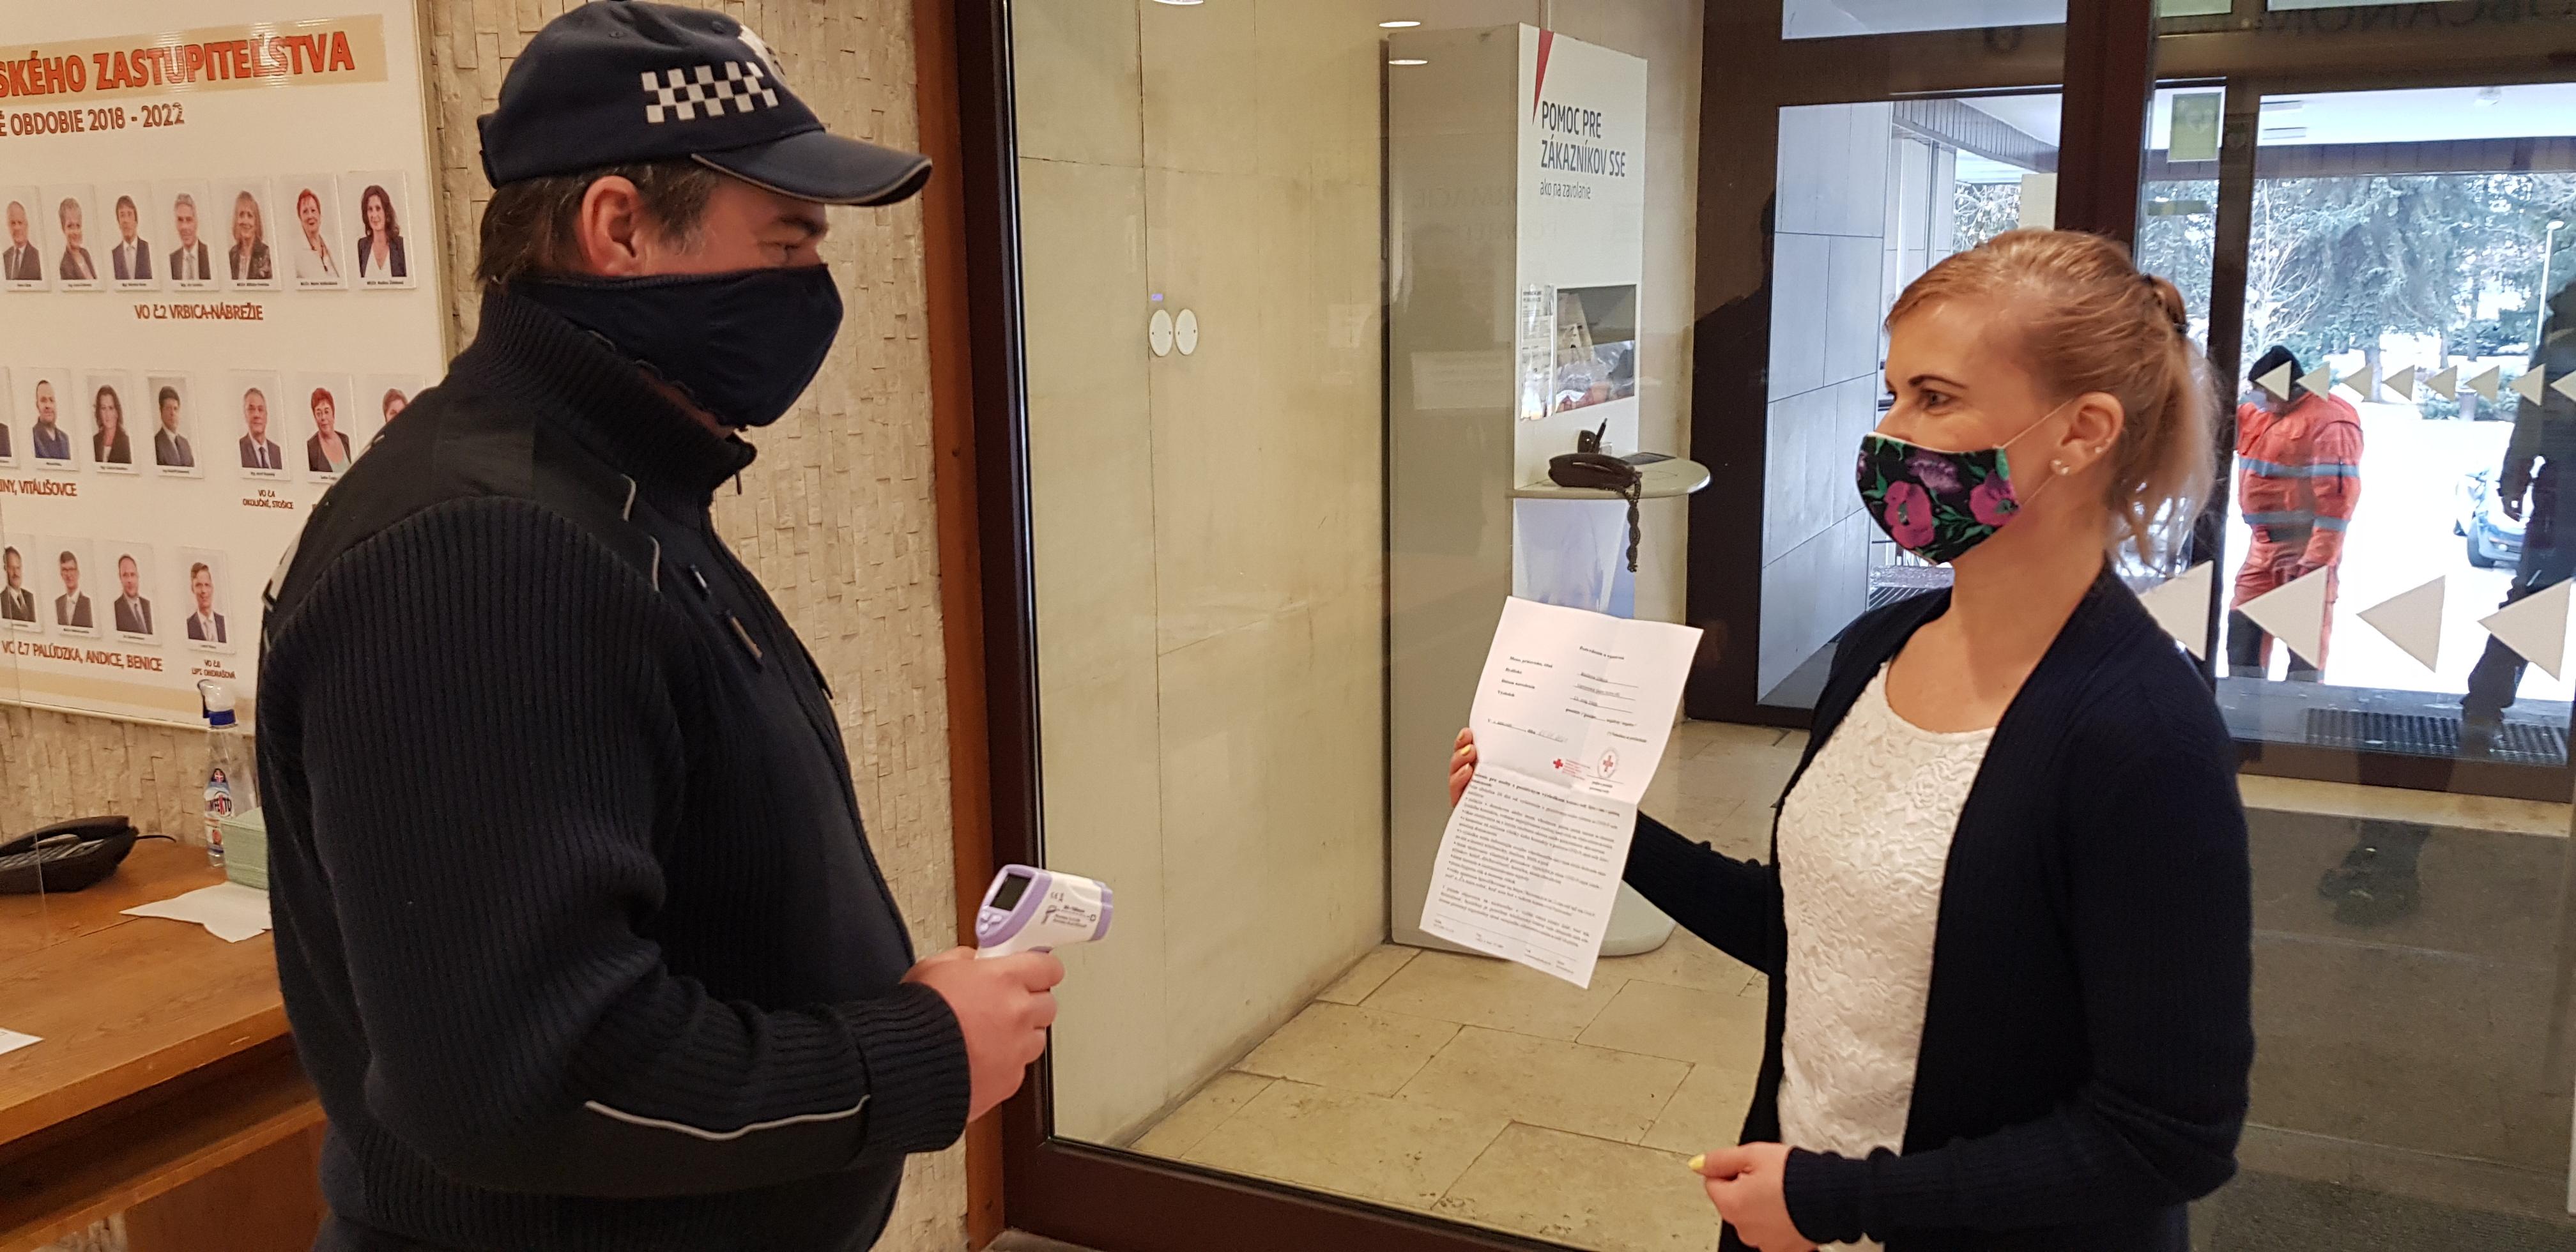 C⭕VID-19: Podmienky pri vstupe do budovy mestského úradu